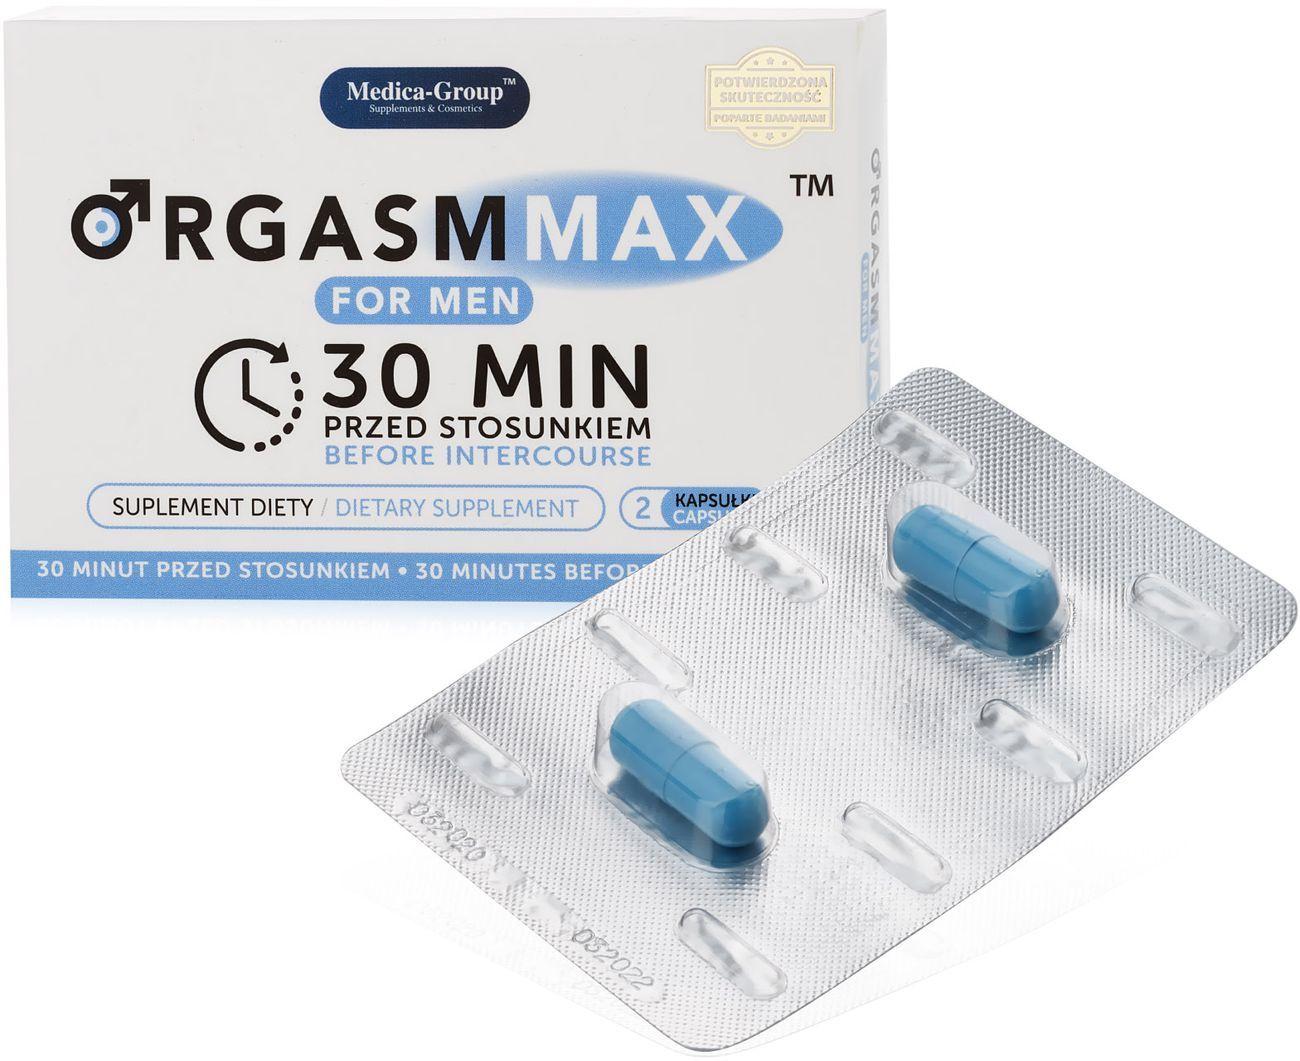 ORGASM MAX FOR MEN - TABLETKI NA POTENCJĘ - 2 KAPSUŁKI - 73922992